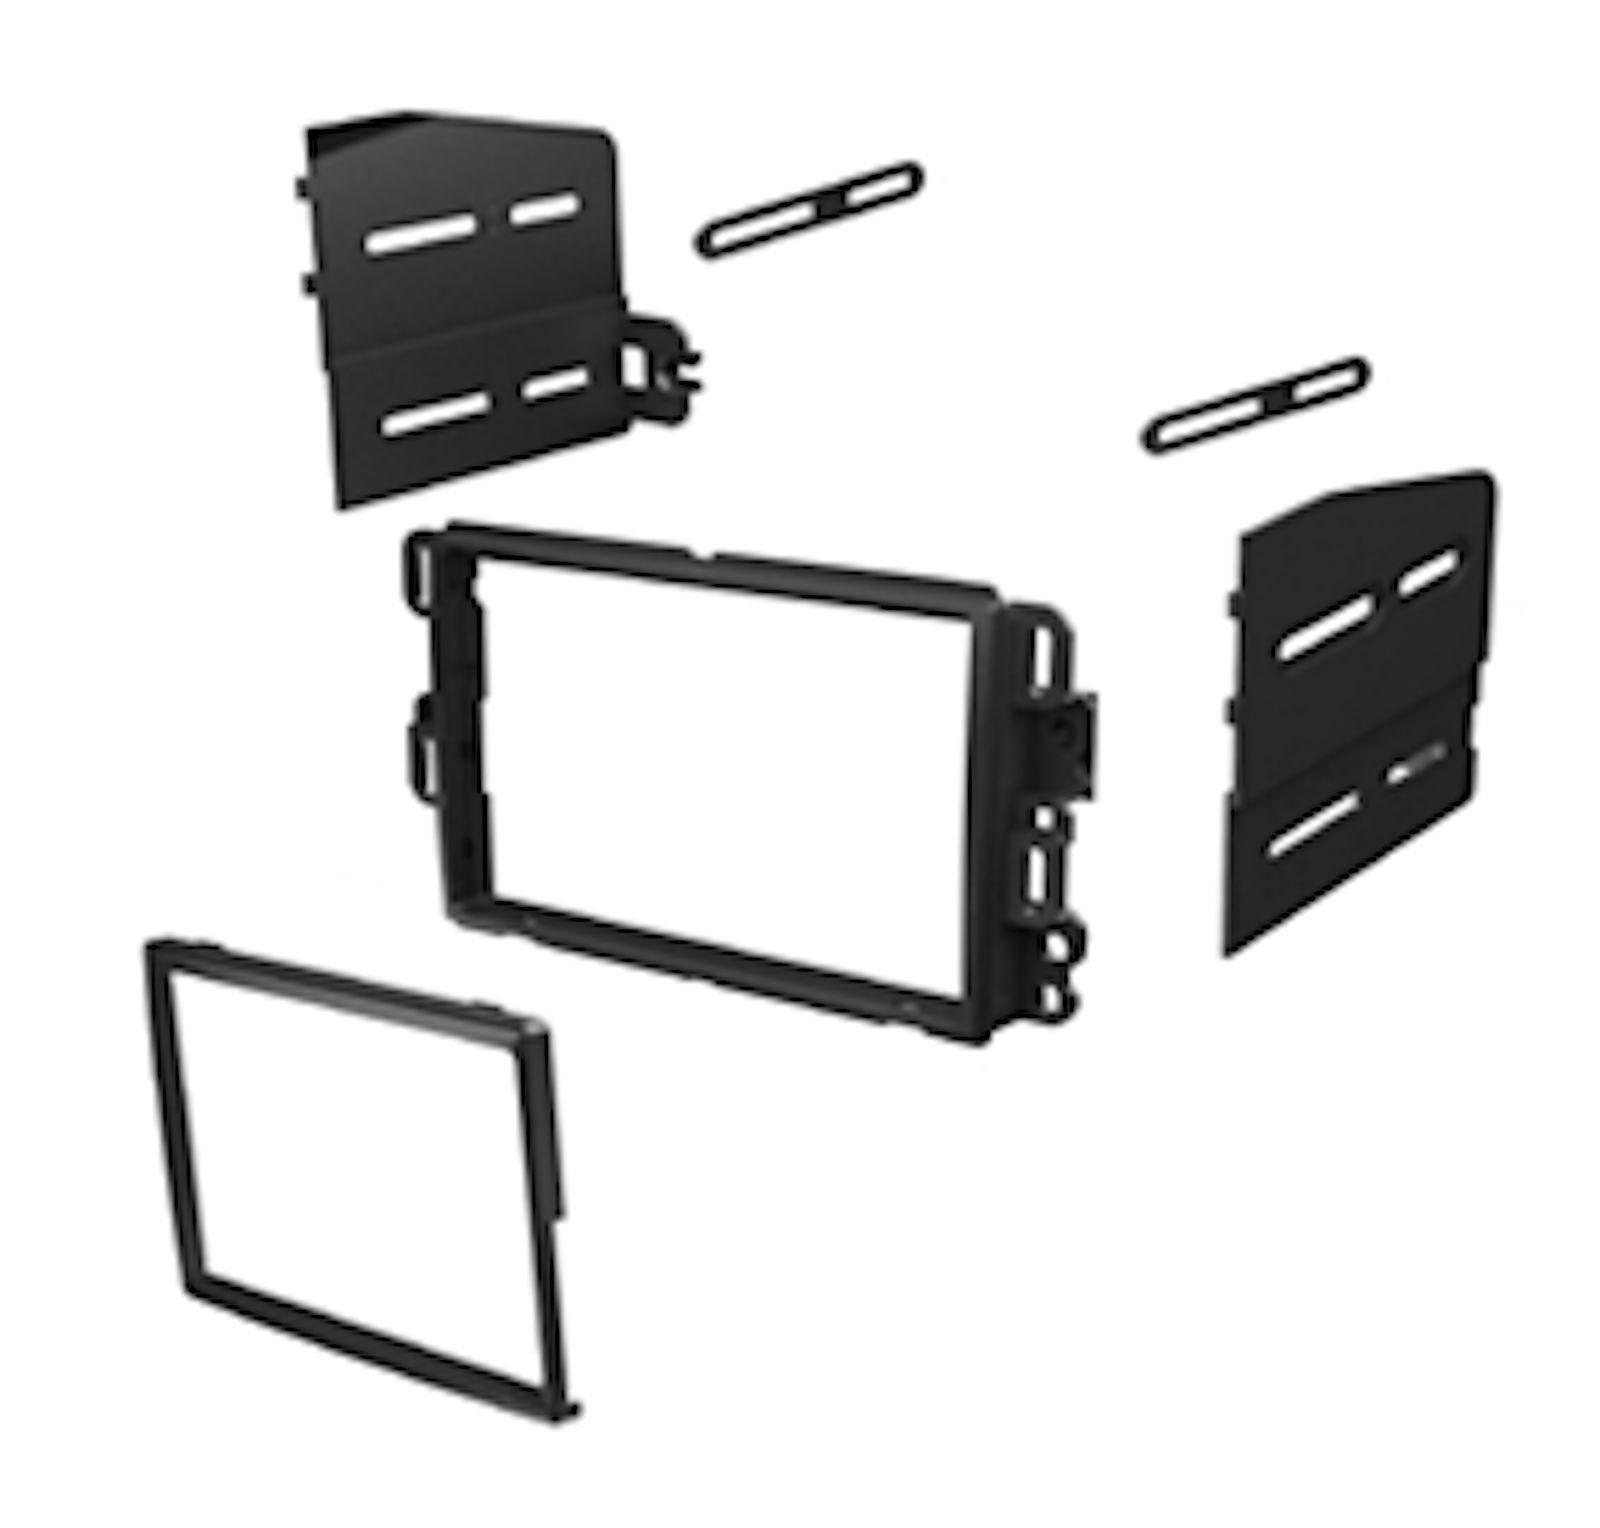 Imc Audio Double Din Dash Kit For Aftermarket Radio Installation Wiring Supplies Buick Chevy Gmc Hummer Pontiac Saturn Suzuki